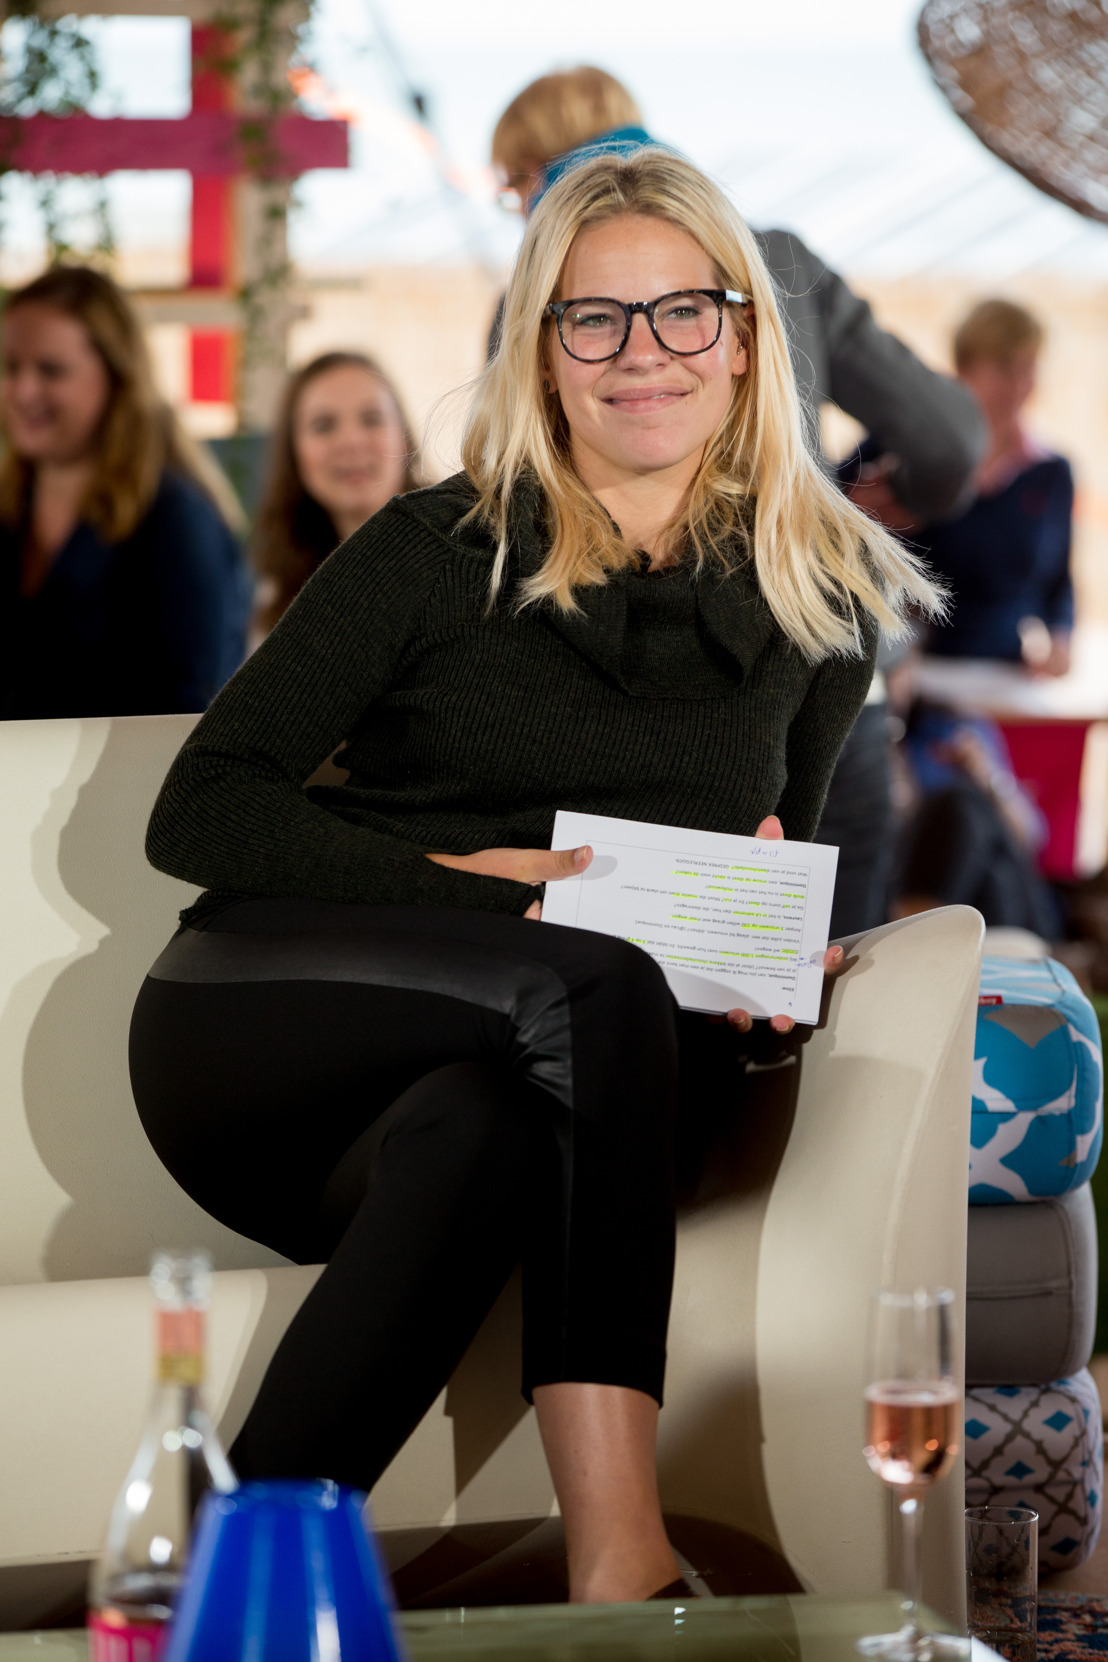 Eline De Munck presenteert Be You(tiful) morgen zonder make-up en met veel lef